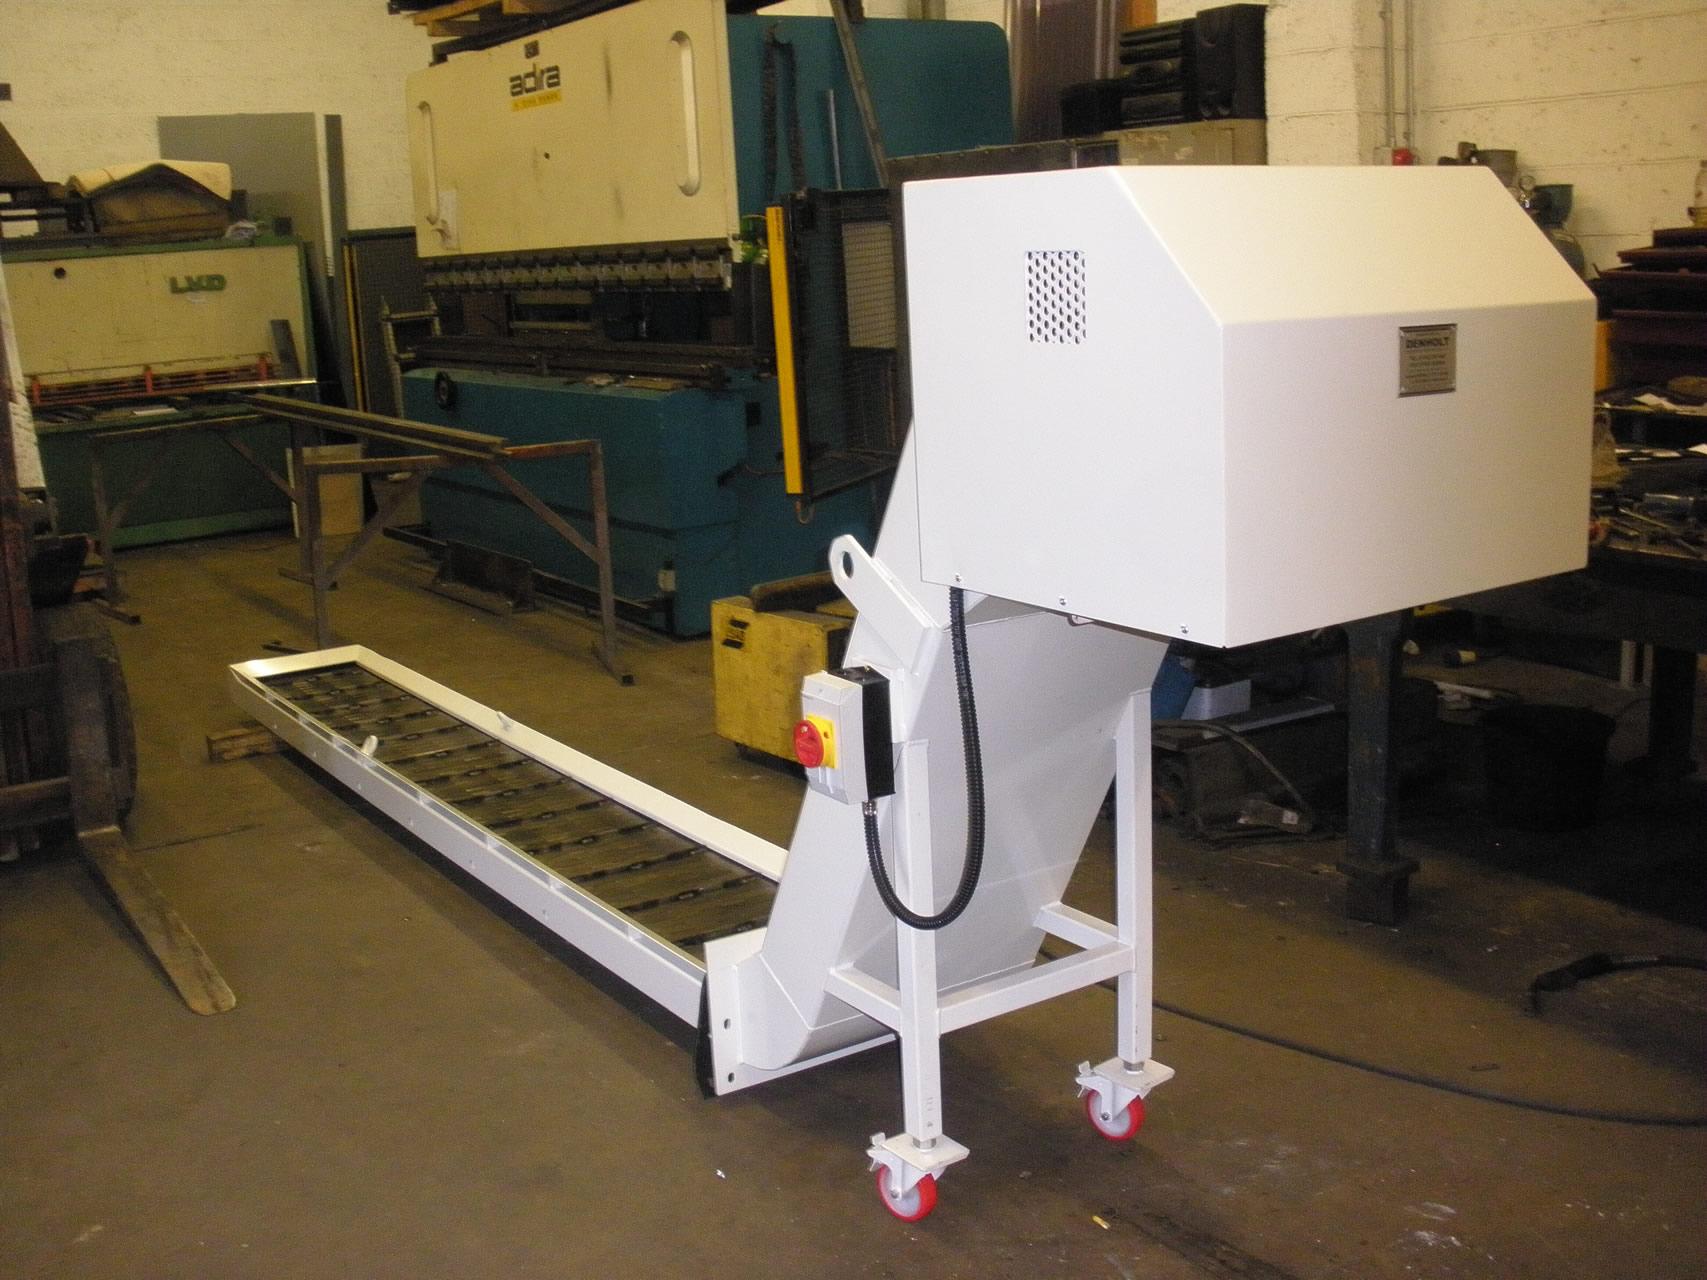 Swarf conveyor repairs after